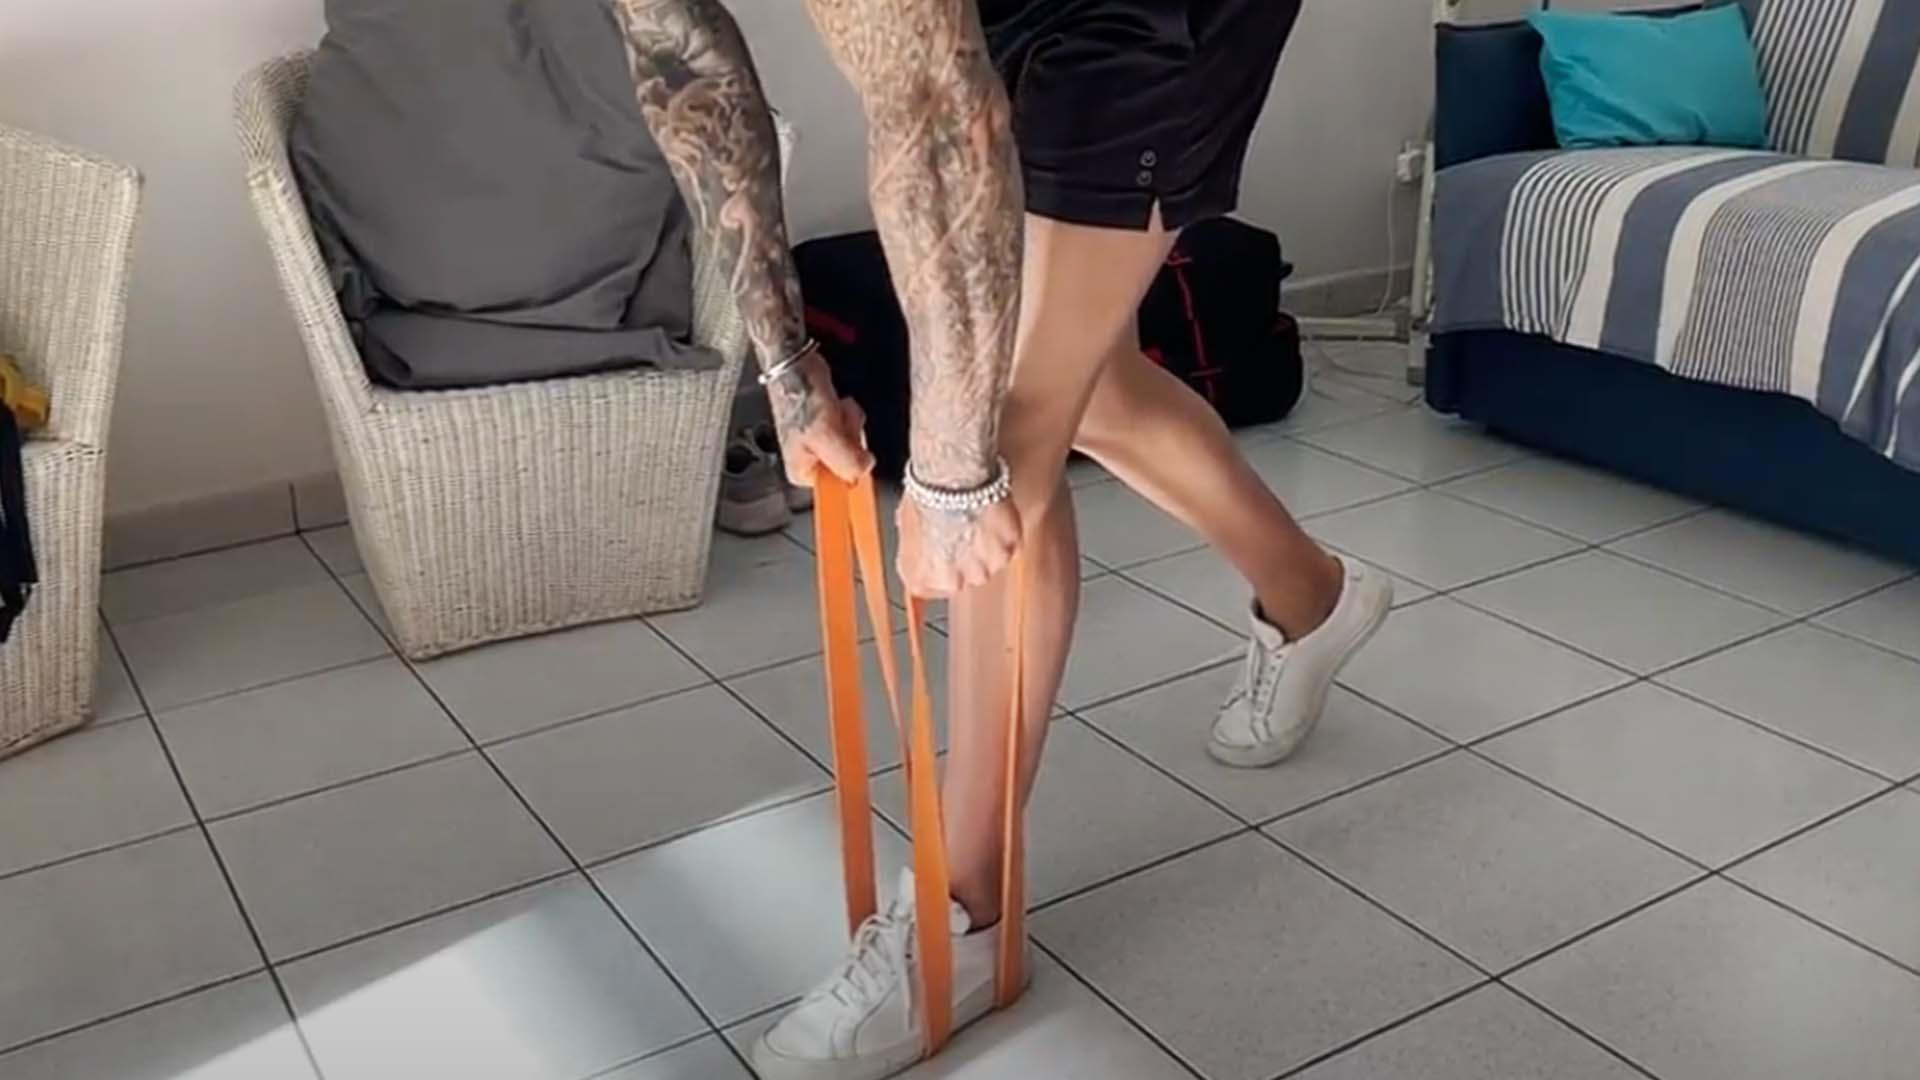 Homme exécutant un romanian deadlift sur une jambe avec un élastique orange